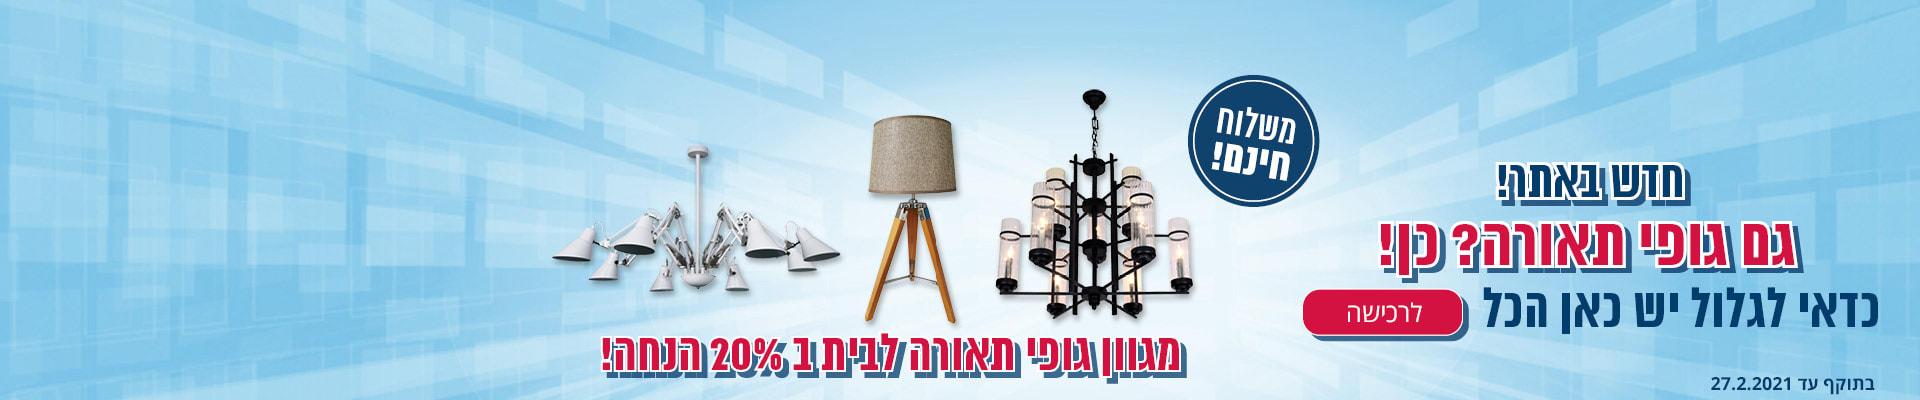 חדש באתר! מגוון גופי תאורה דקורטיביים לבית ב20% הנחה! לרכישה משלוח חינם בתוקף עד 27.2.2021